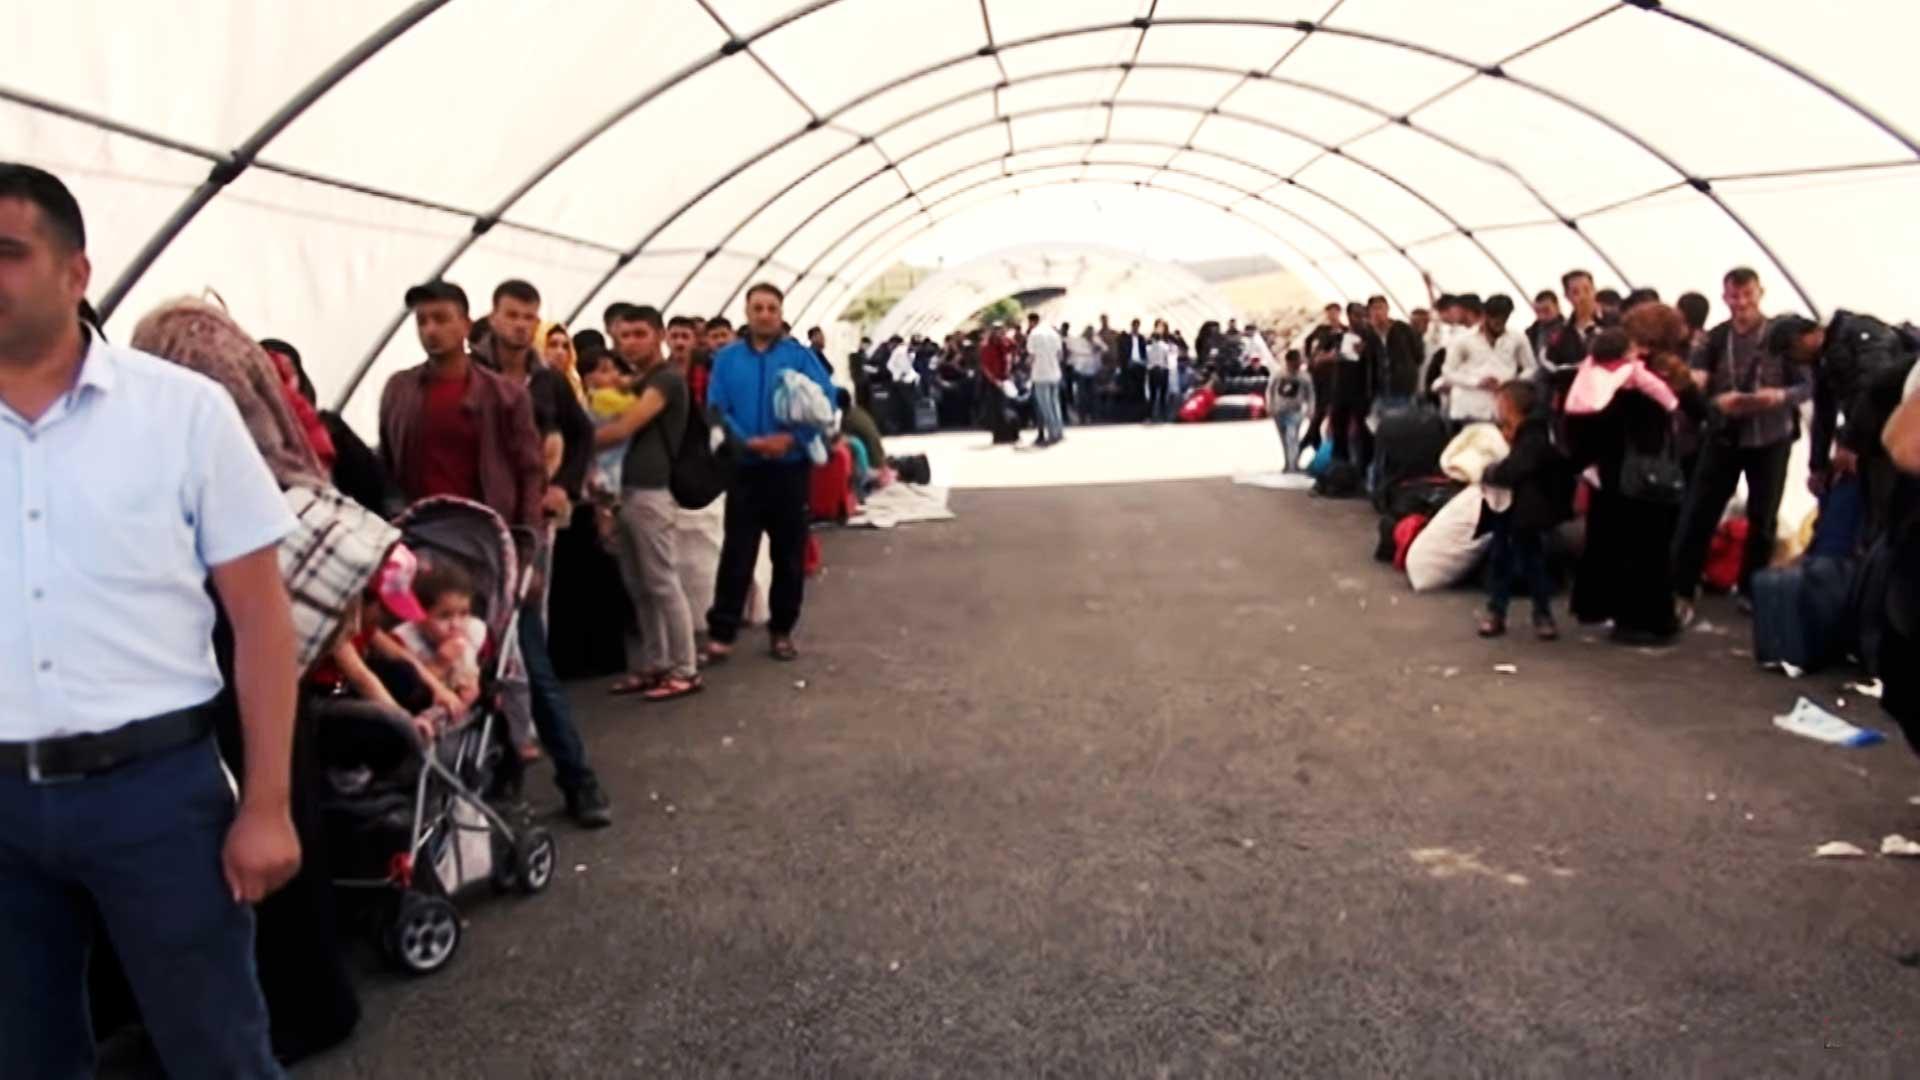 En Büyük Mülteci Nüfusuna Sahip Olan Ülkeler